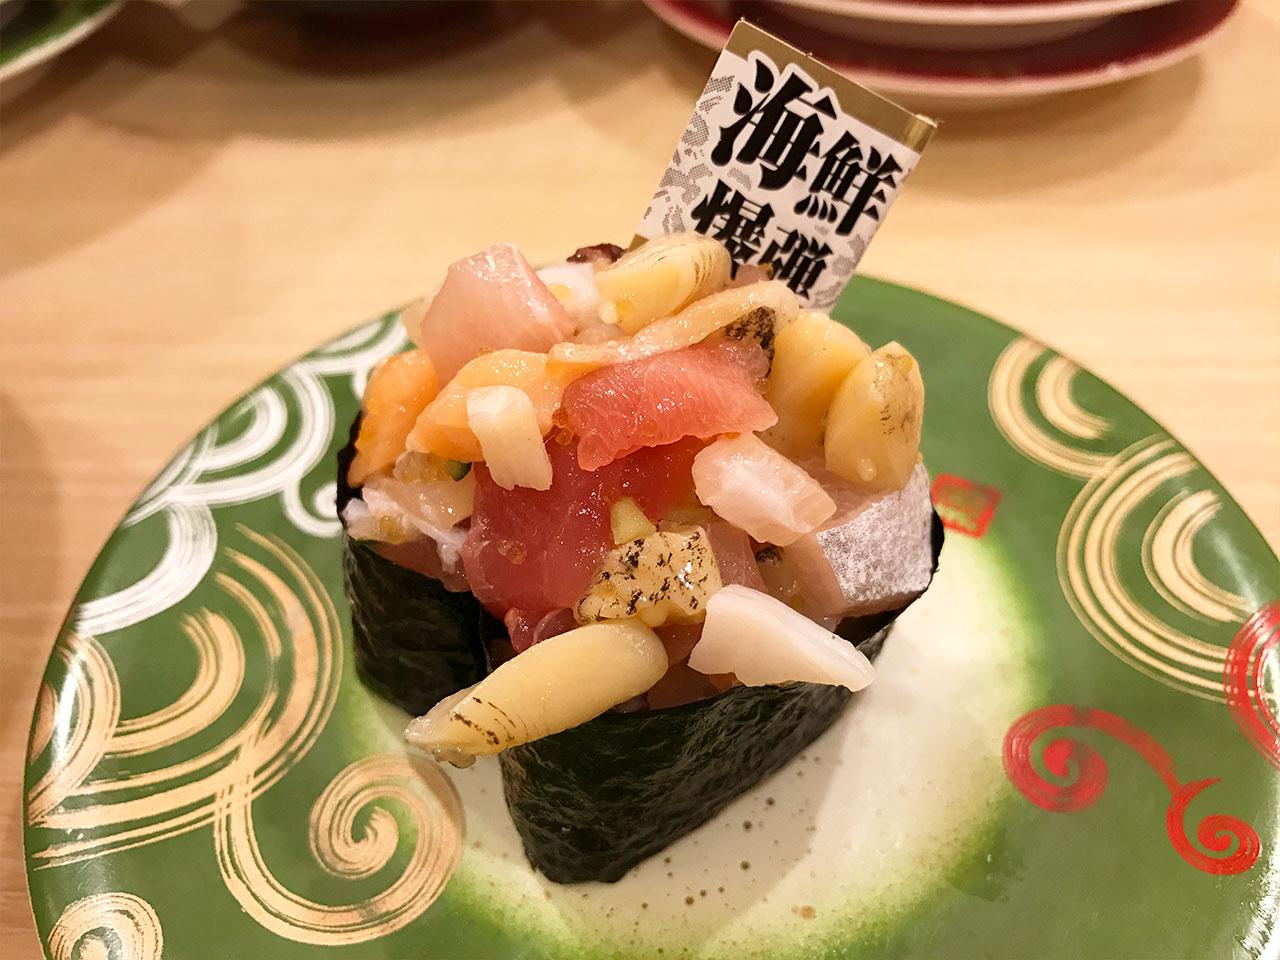 東京ソラマチ「トリトン」の寿司09